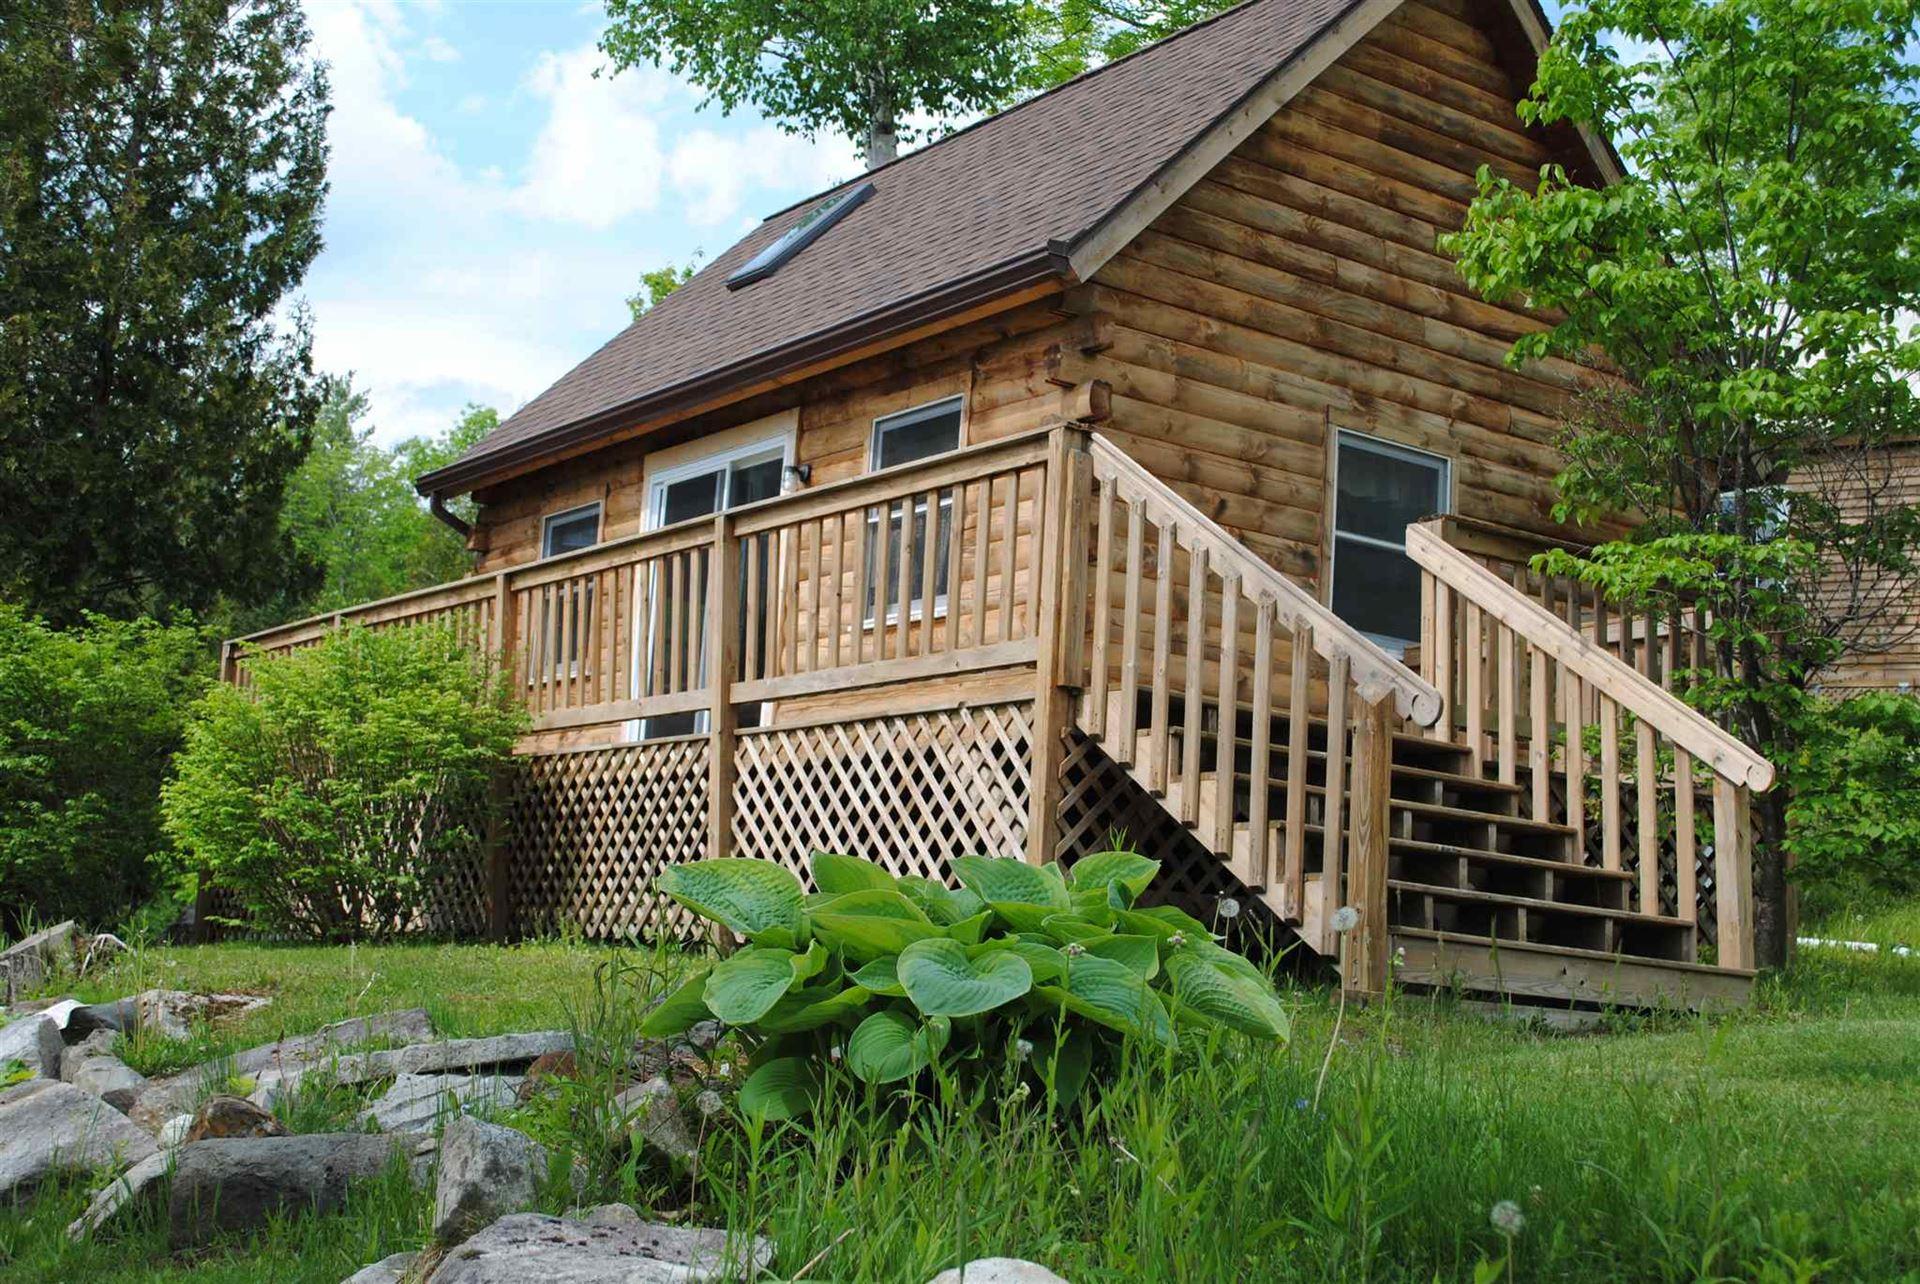 Cabin #13 Campers Lane, Barnet, VT 05821 - #: 4809107